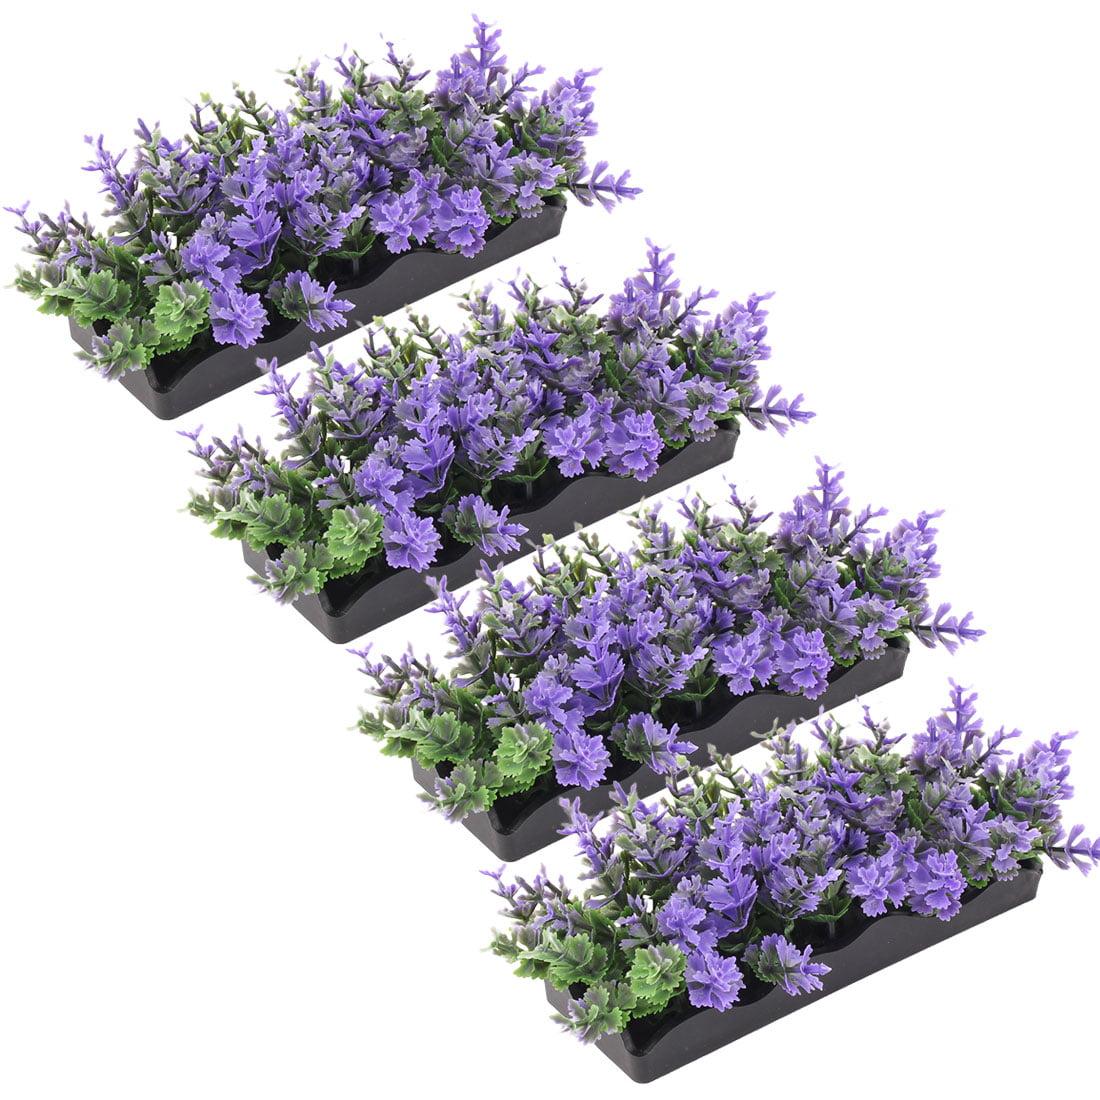 Aquarium Poisson Réservoir Gazon Artificiel en Plastique Ornement Plantes Multicolore 4 pcs - image 3 de 3